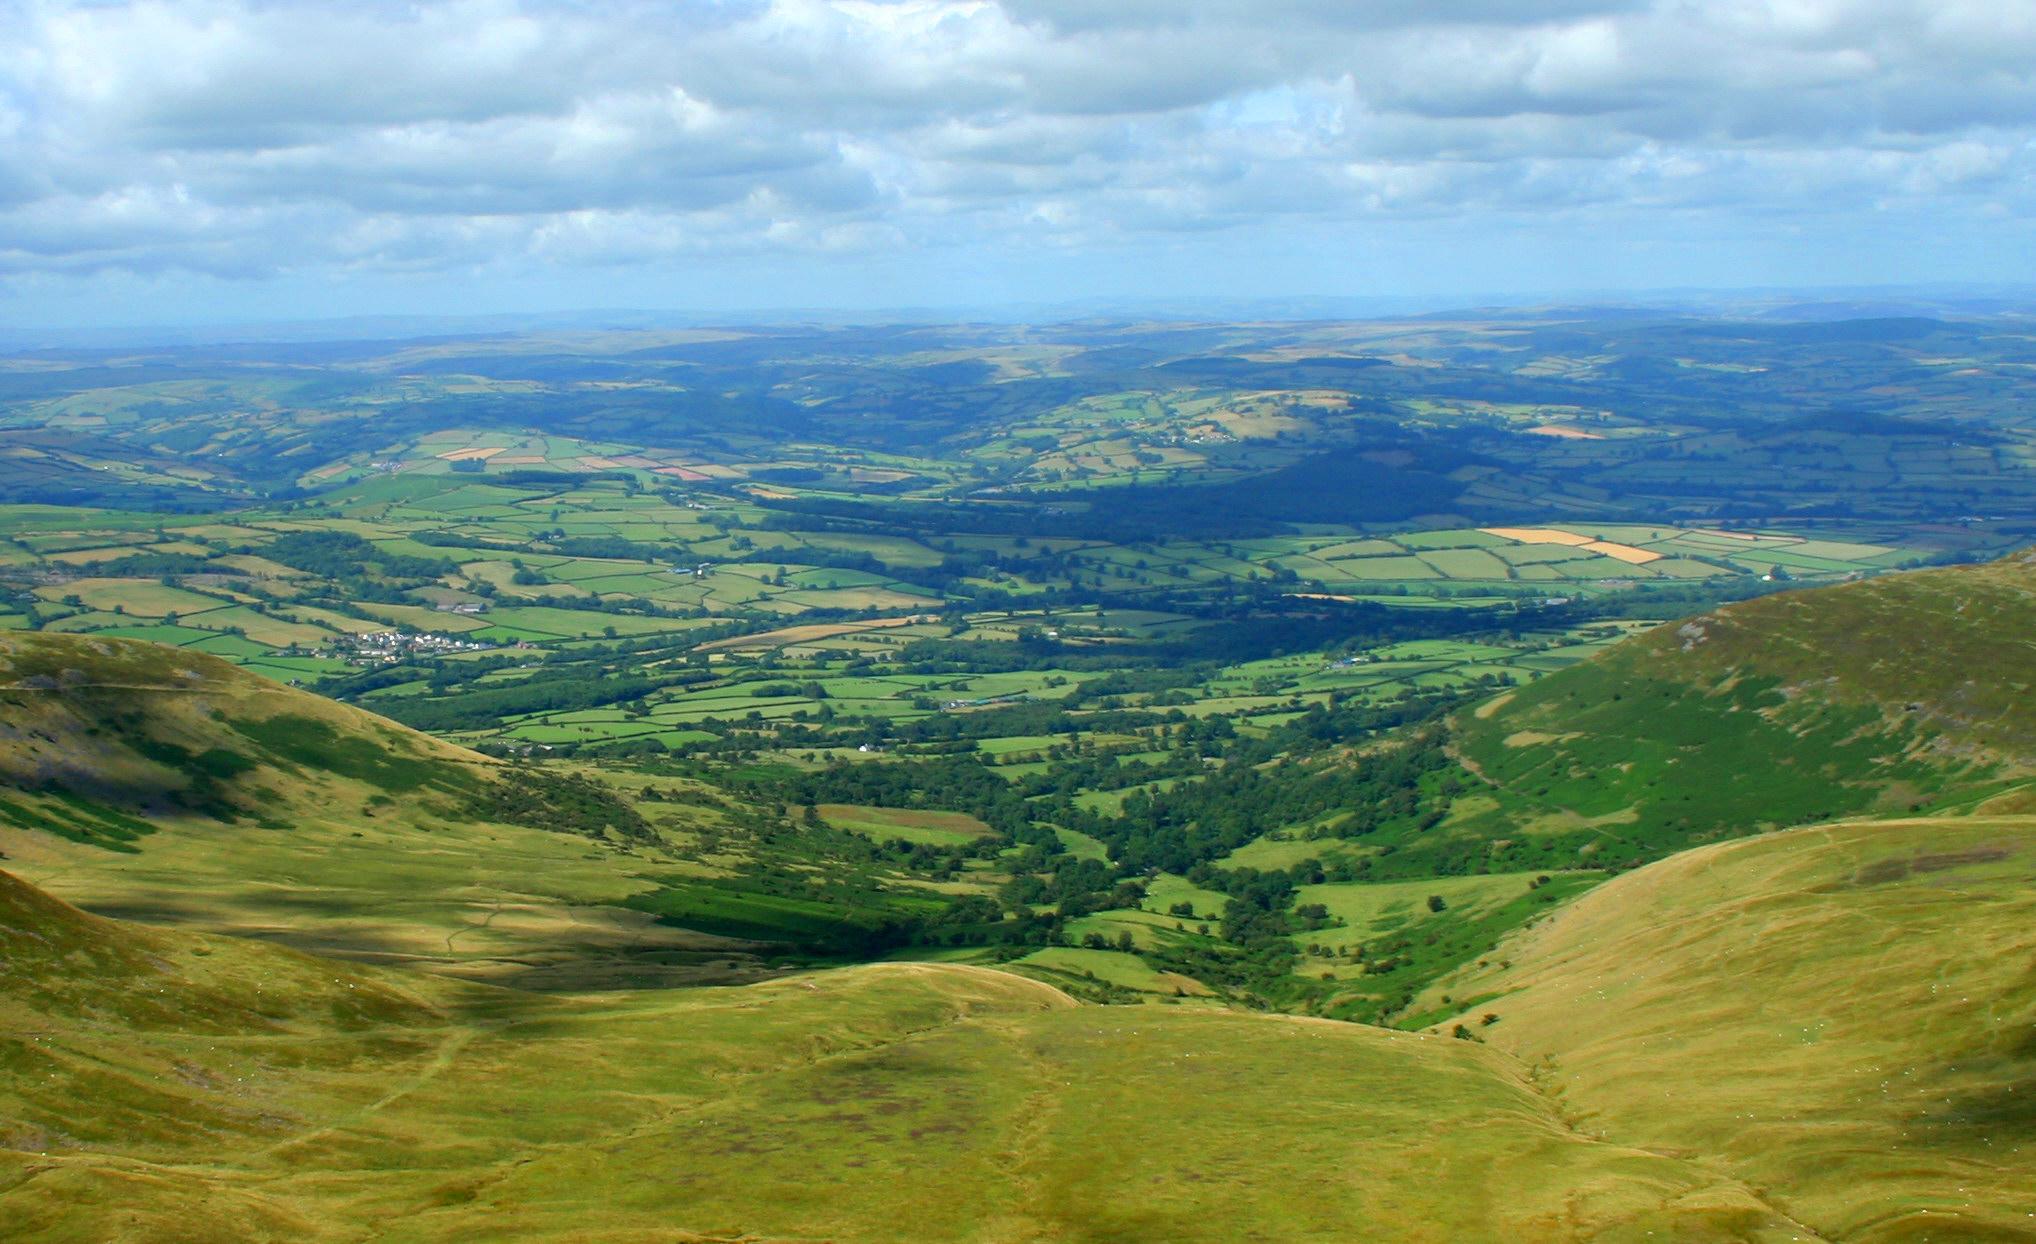 """Résultat de recherche d'images pour """"The Brecon Beacons National Park wales"""""""